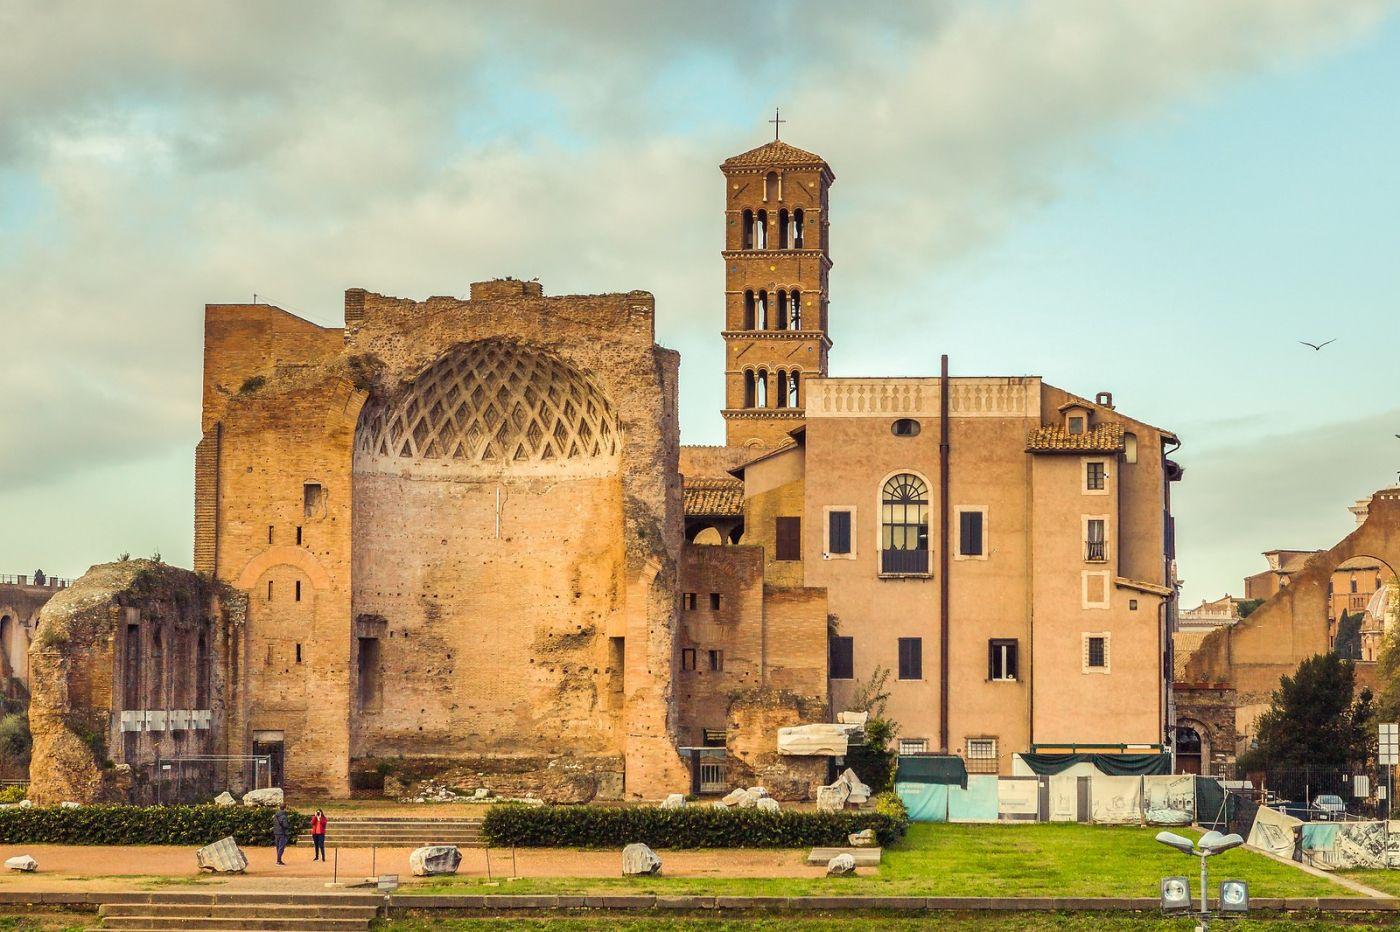 意大利罗马论坛,二千年的历史_图1-7